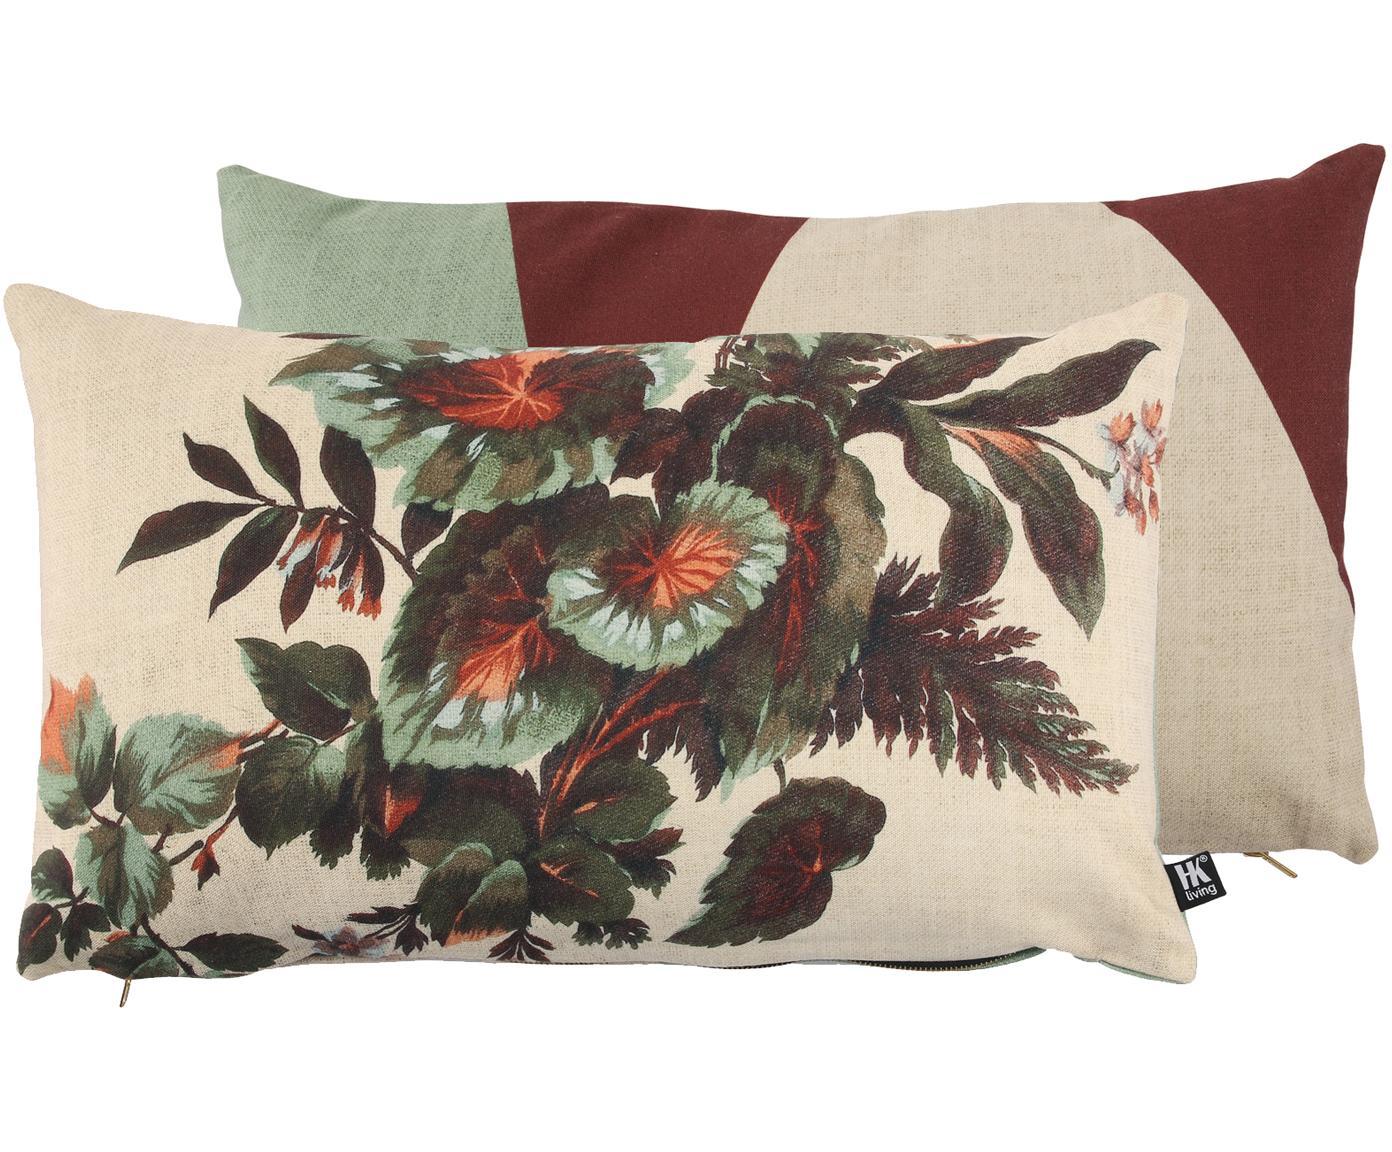 Cuscino reversibile con imbottitura Kyoto, Poliestere, Beige, verde, arancione, Larg. 35 x Lung. 60 cm